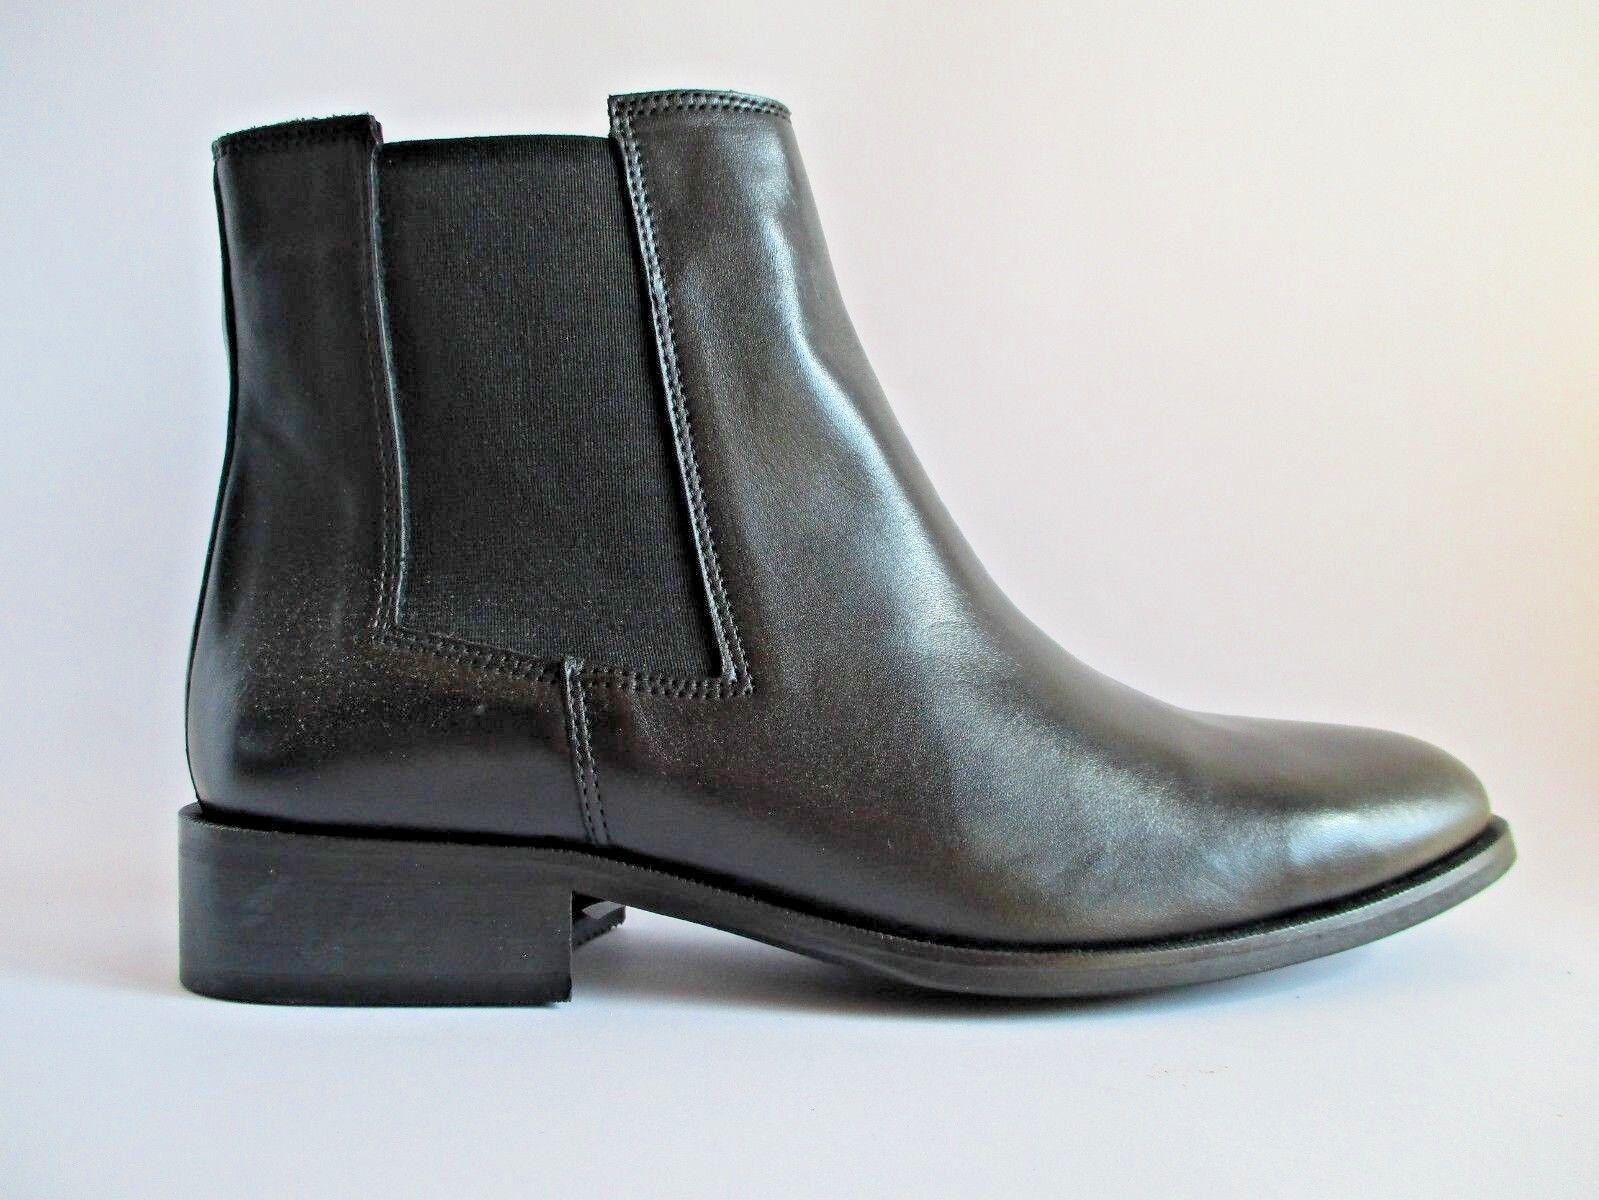 ZIGN classiche scarpe basse Tronchetti CHELSEA 39 BOOT PELLE NERO MIS. 39 CHELSEA c8 1e892e